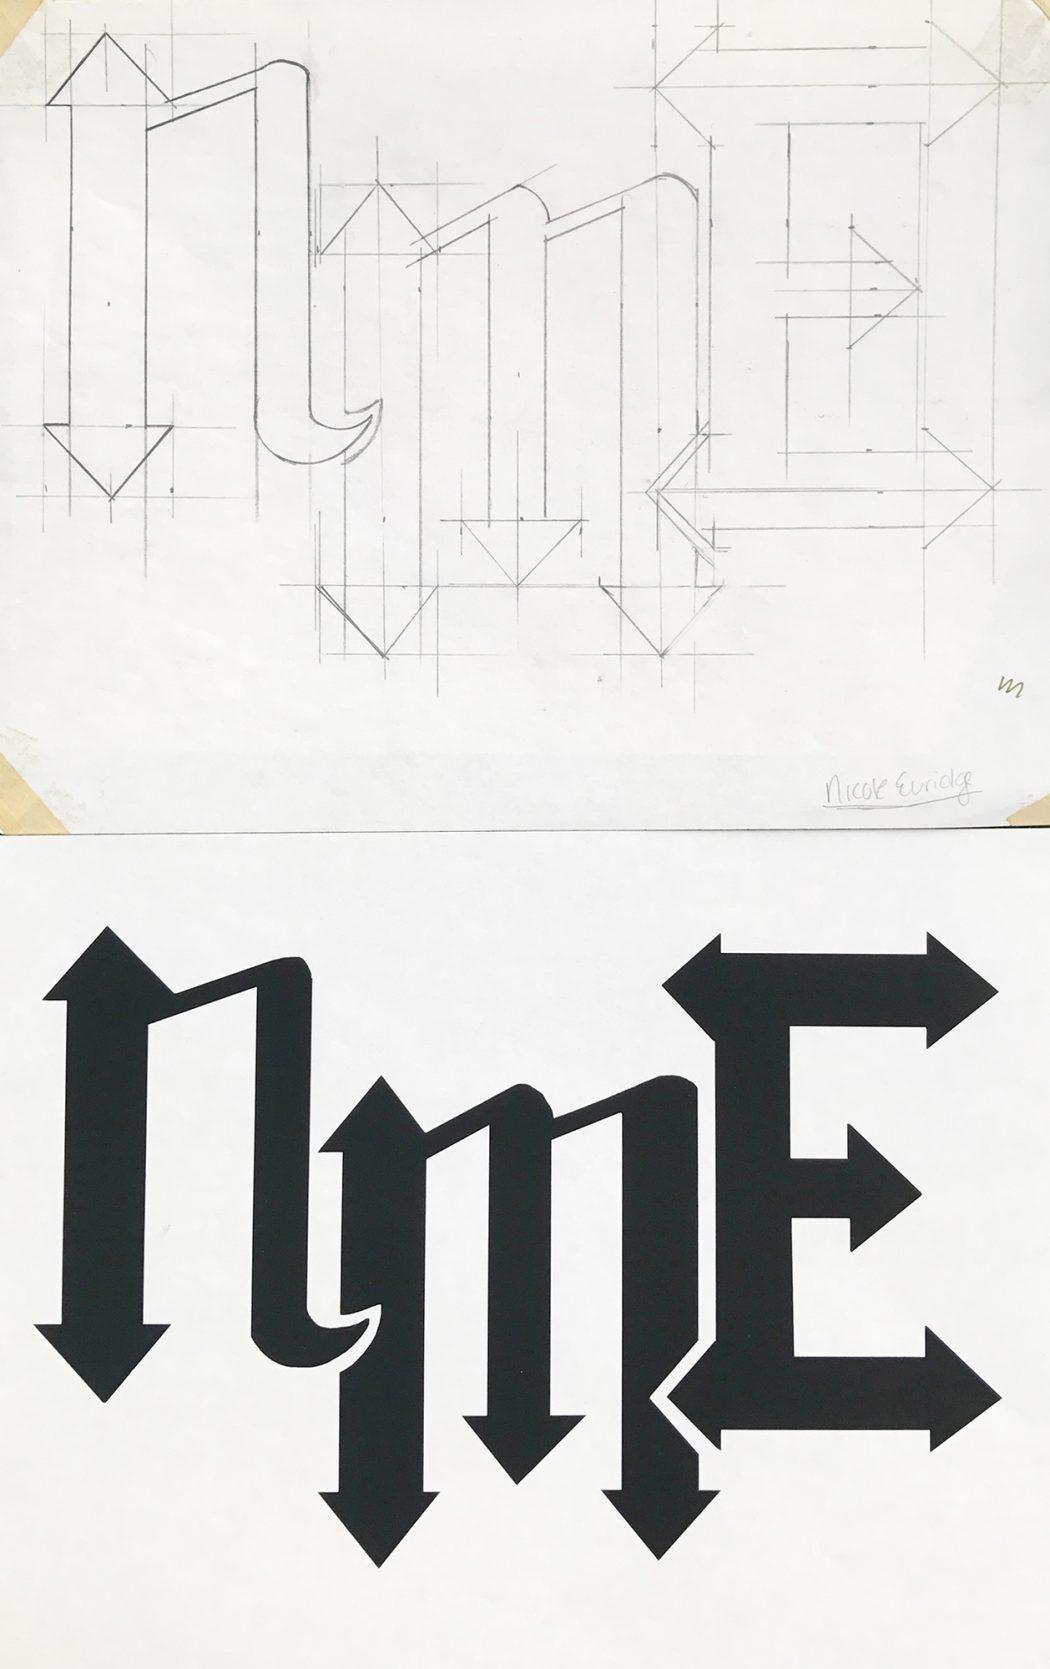 Initials design